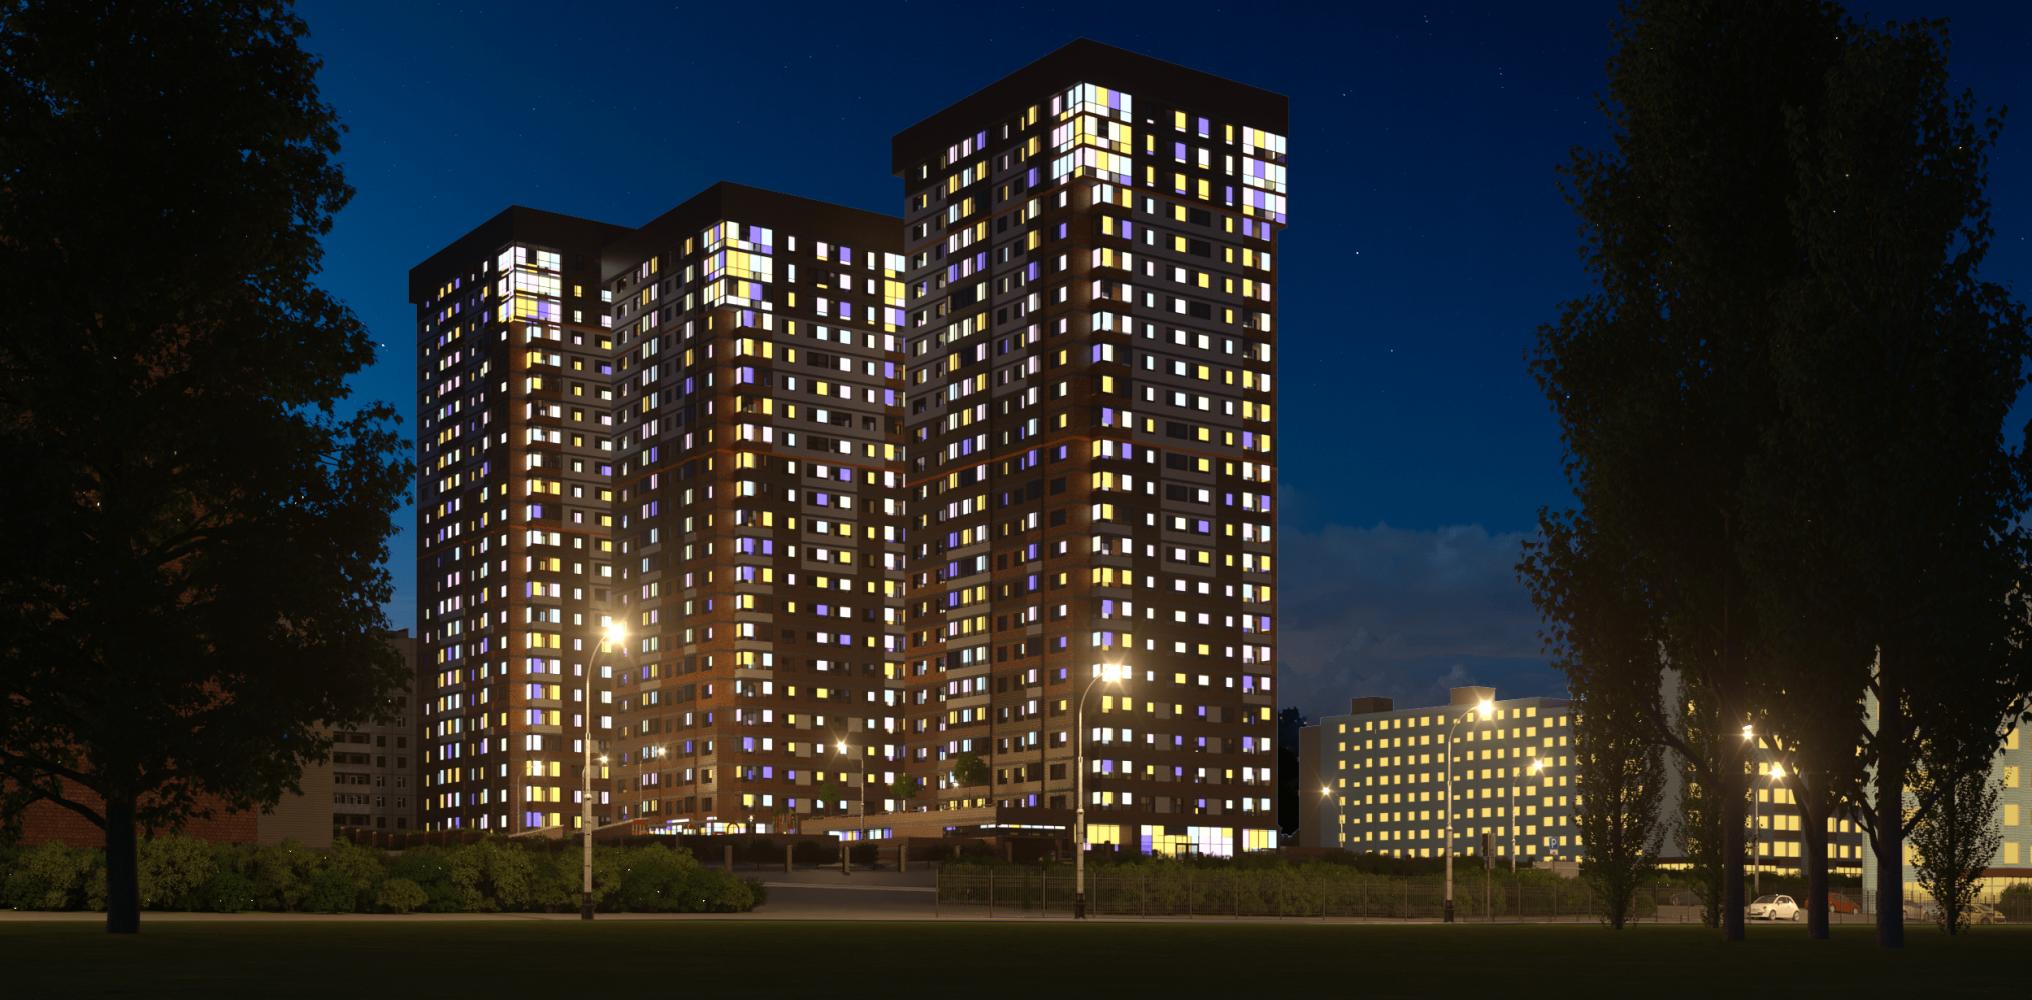 жилой комплекс аврора спб фото